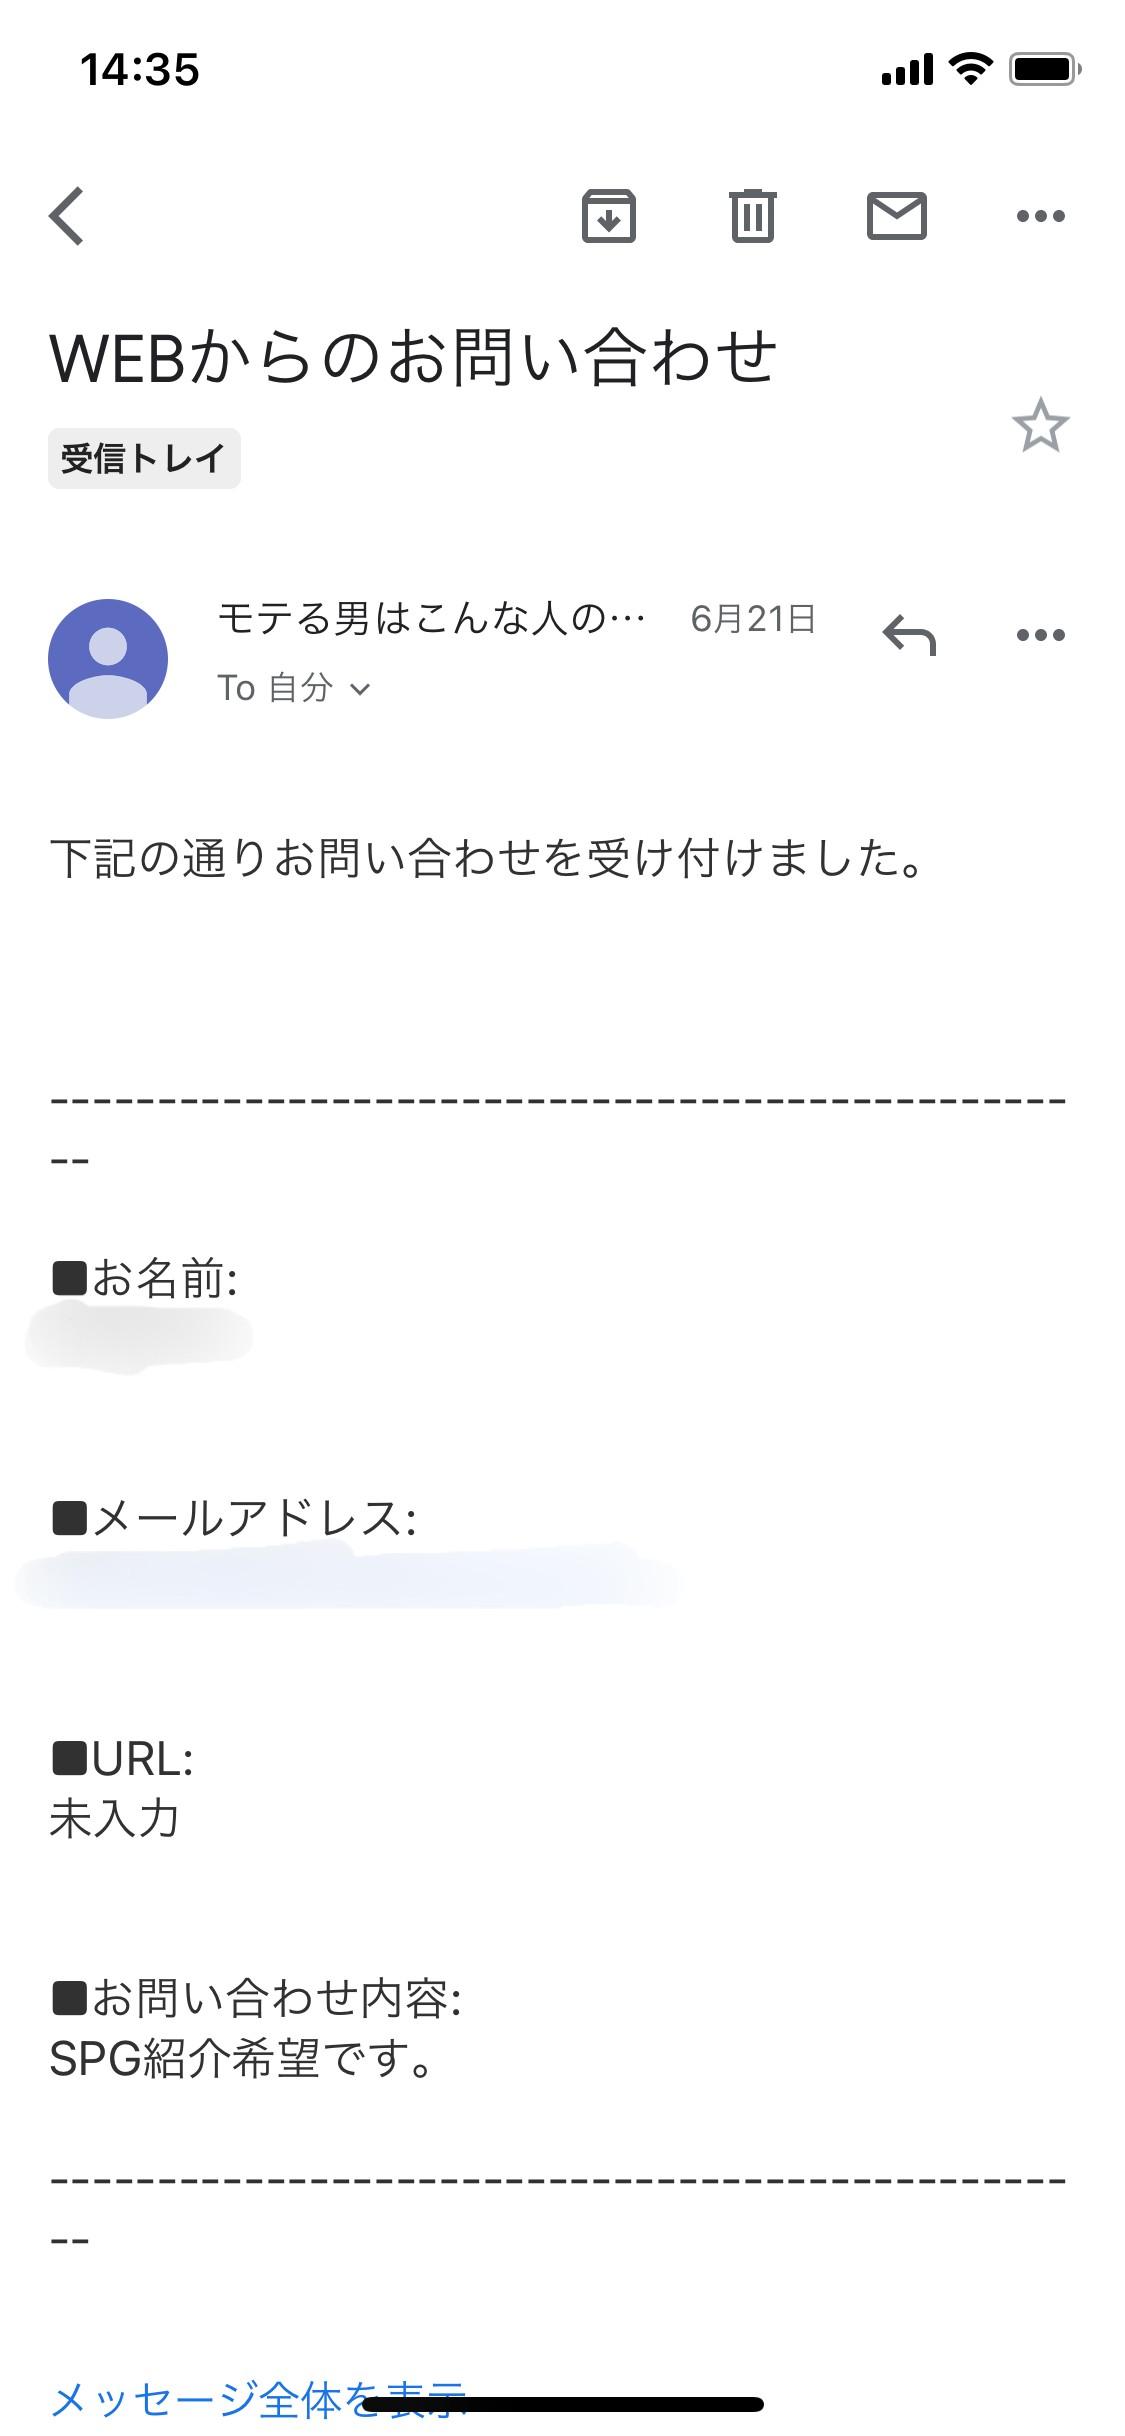 恋達SPGカード紹介希望